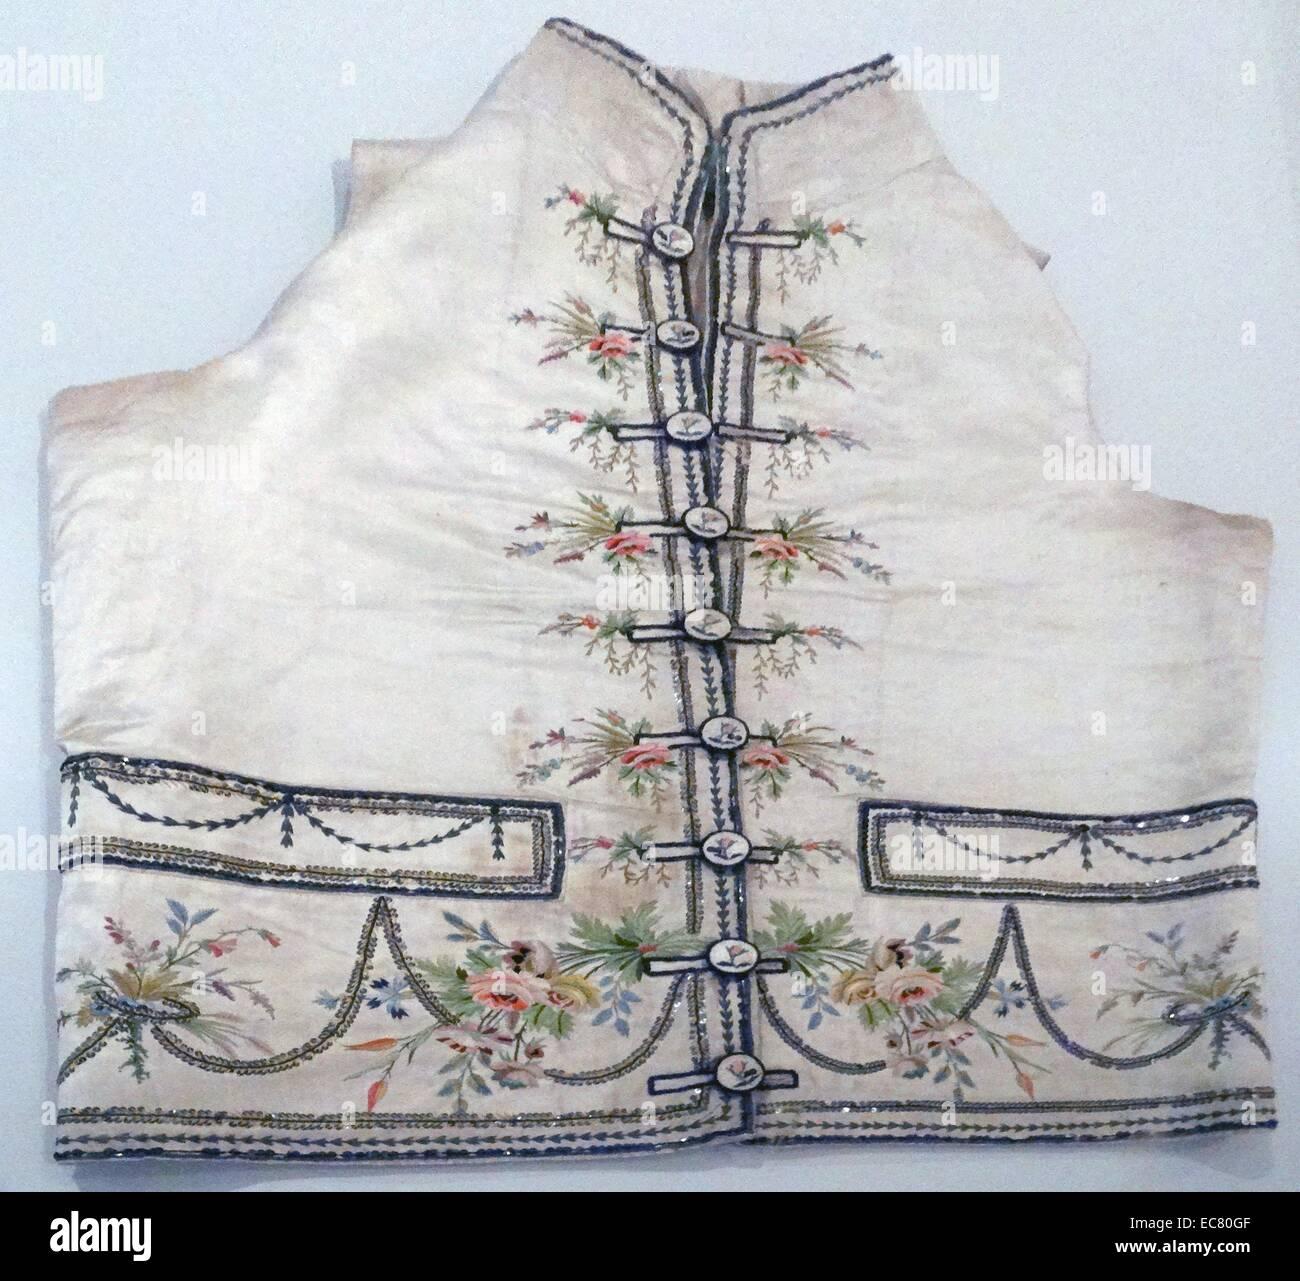 Französische satin Weste ca. 1815. mit Metallgewinde, Seide und Pailletten verziert. Stockbild